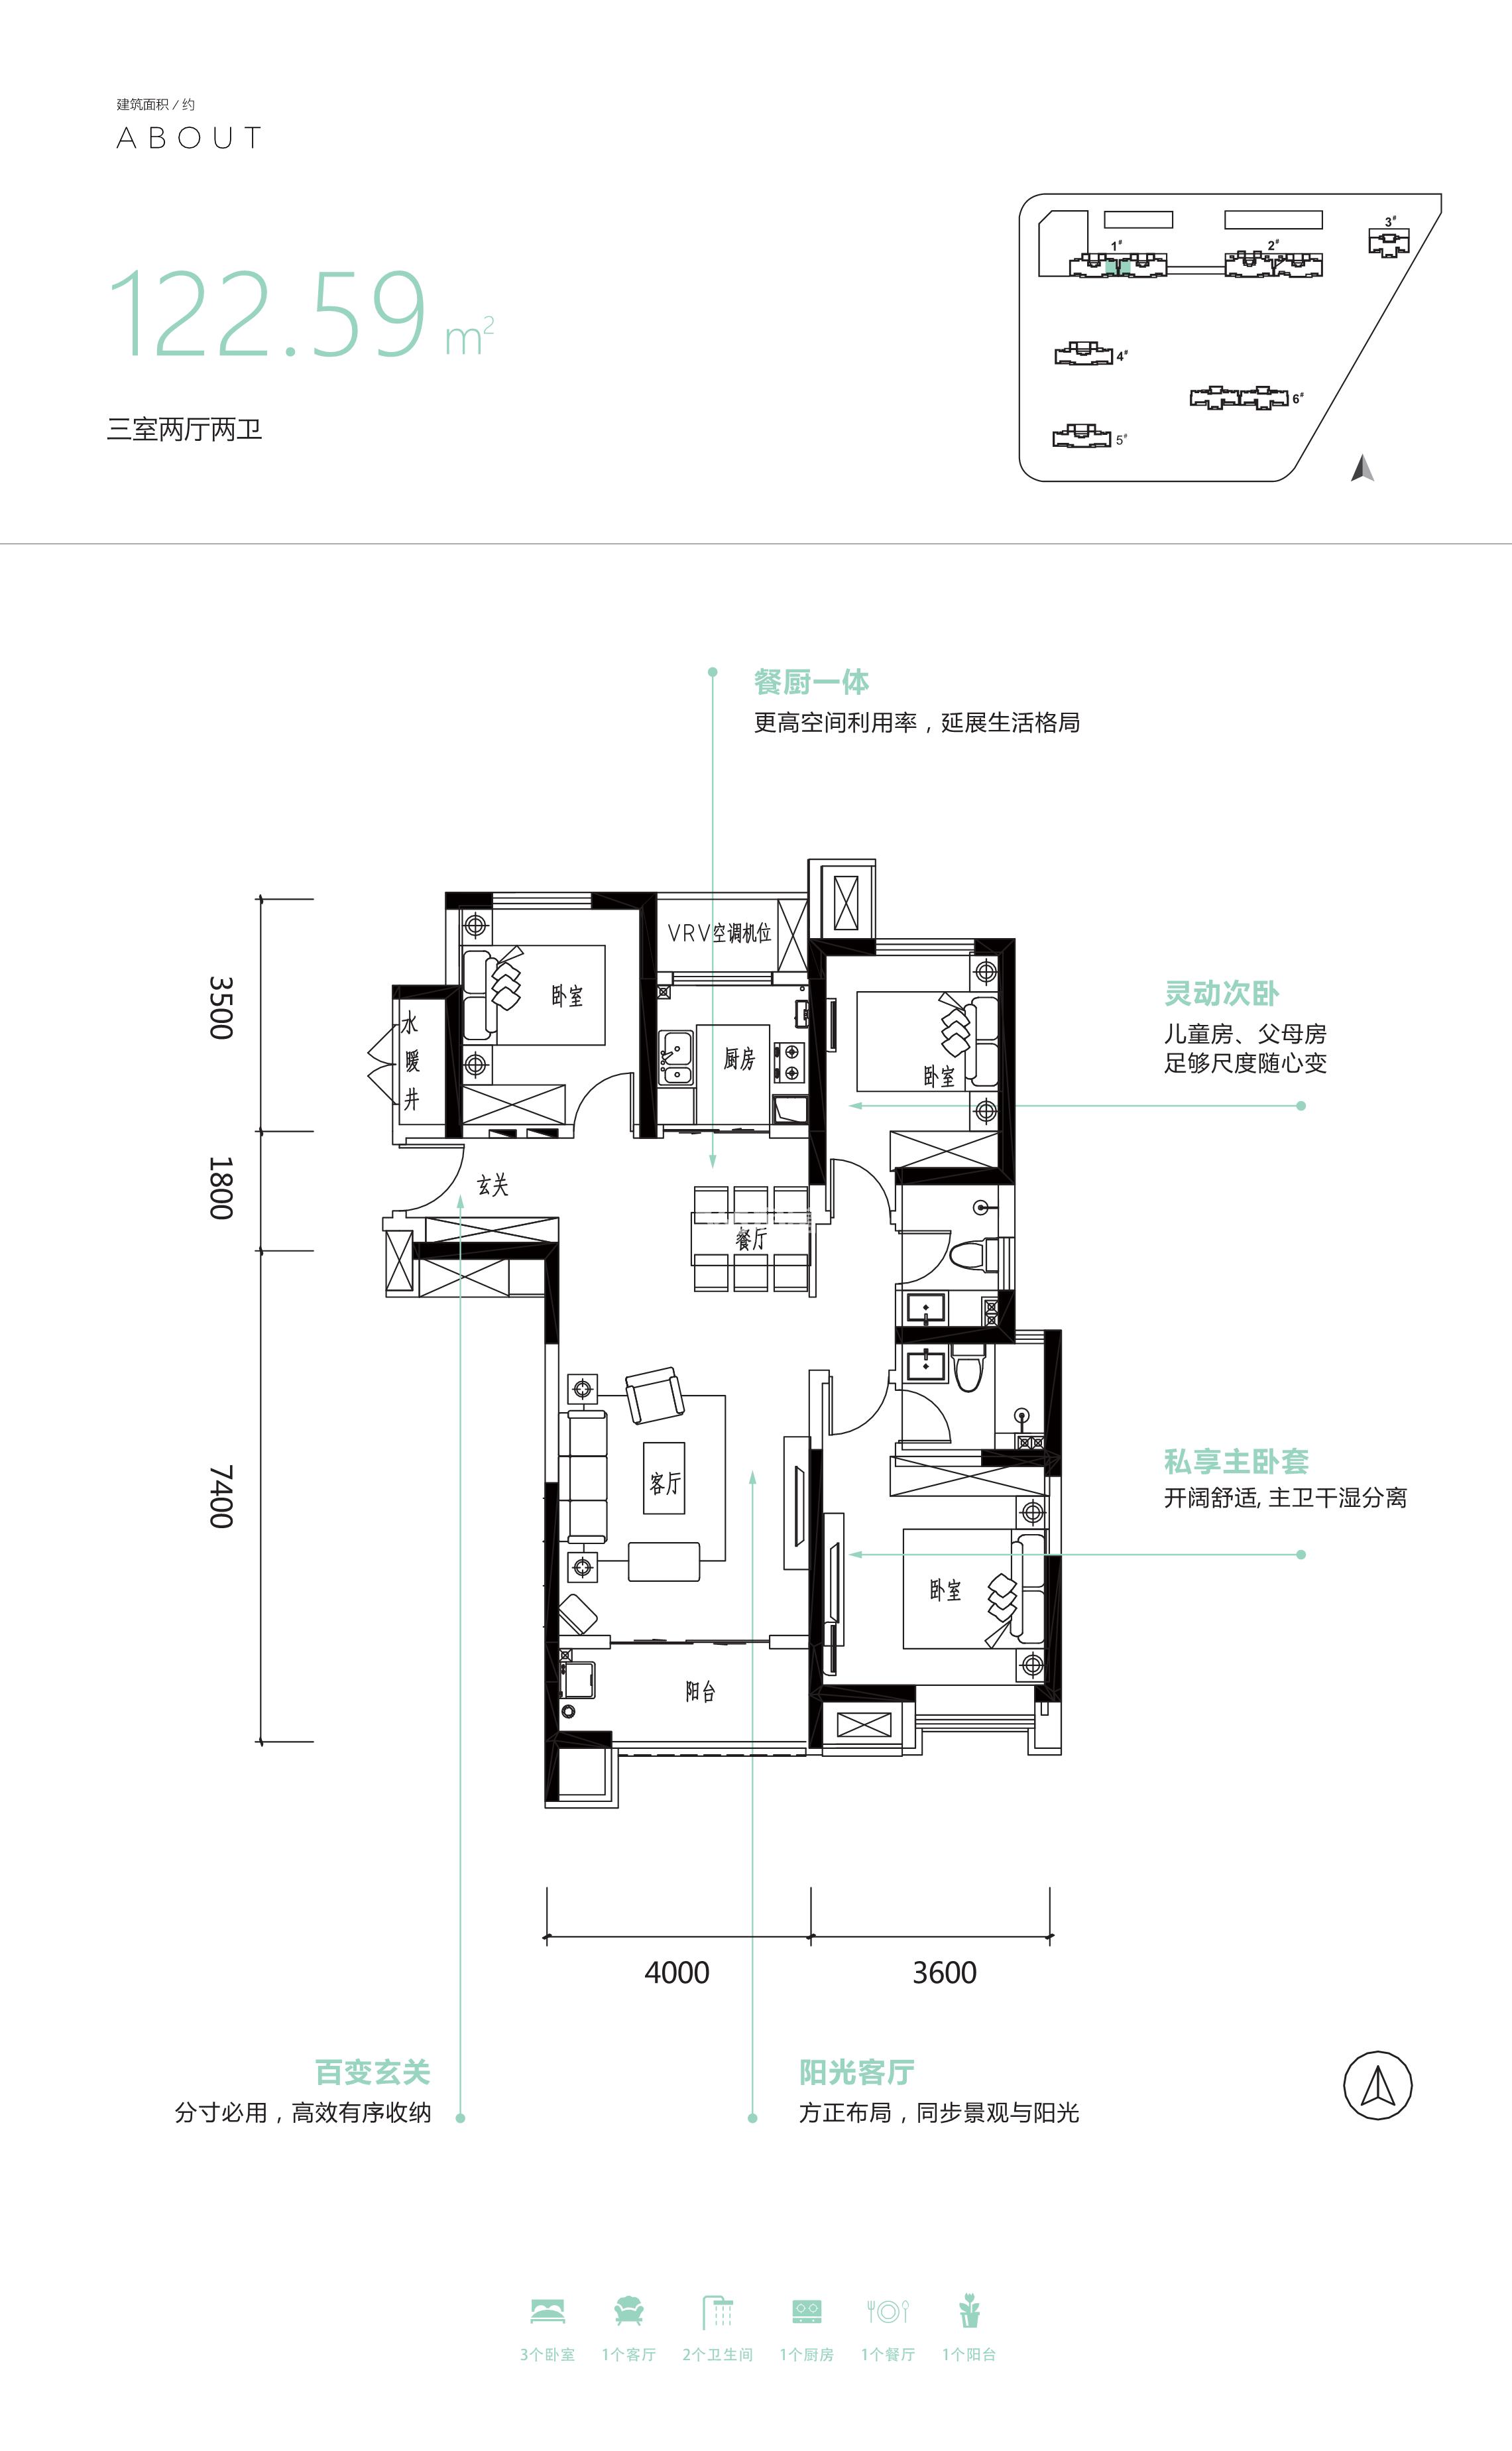 启迪大院儿122.59㎡三室两厅两卫户型图